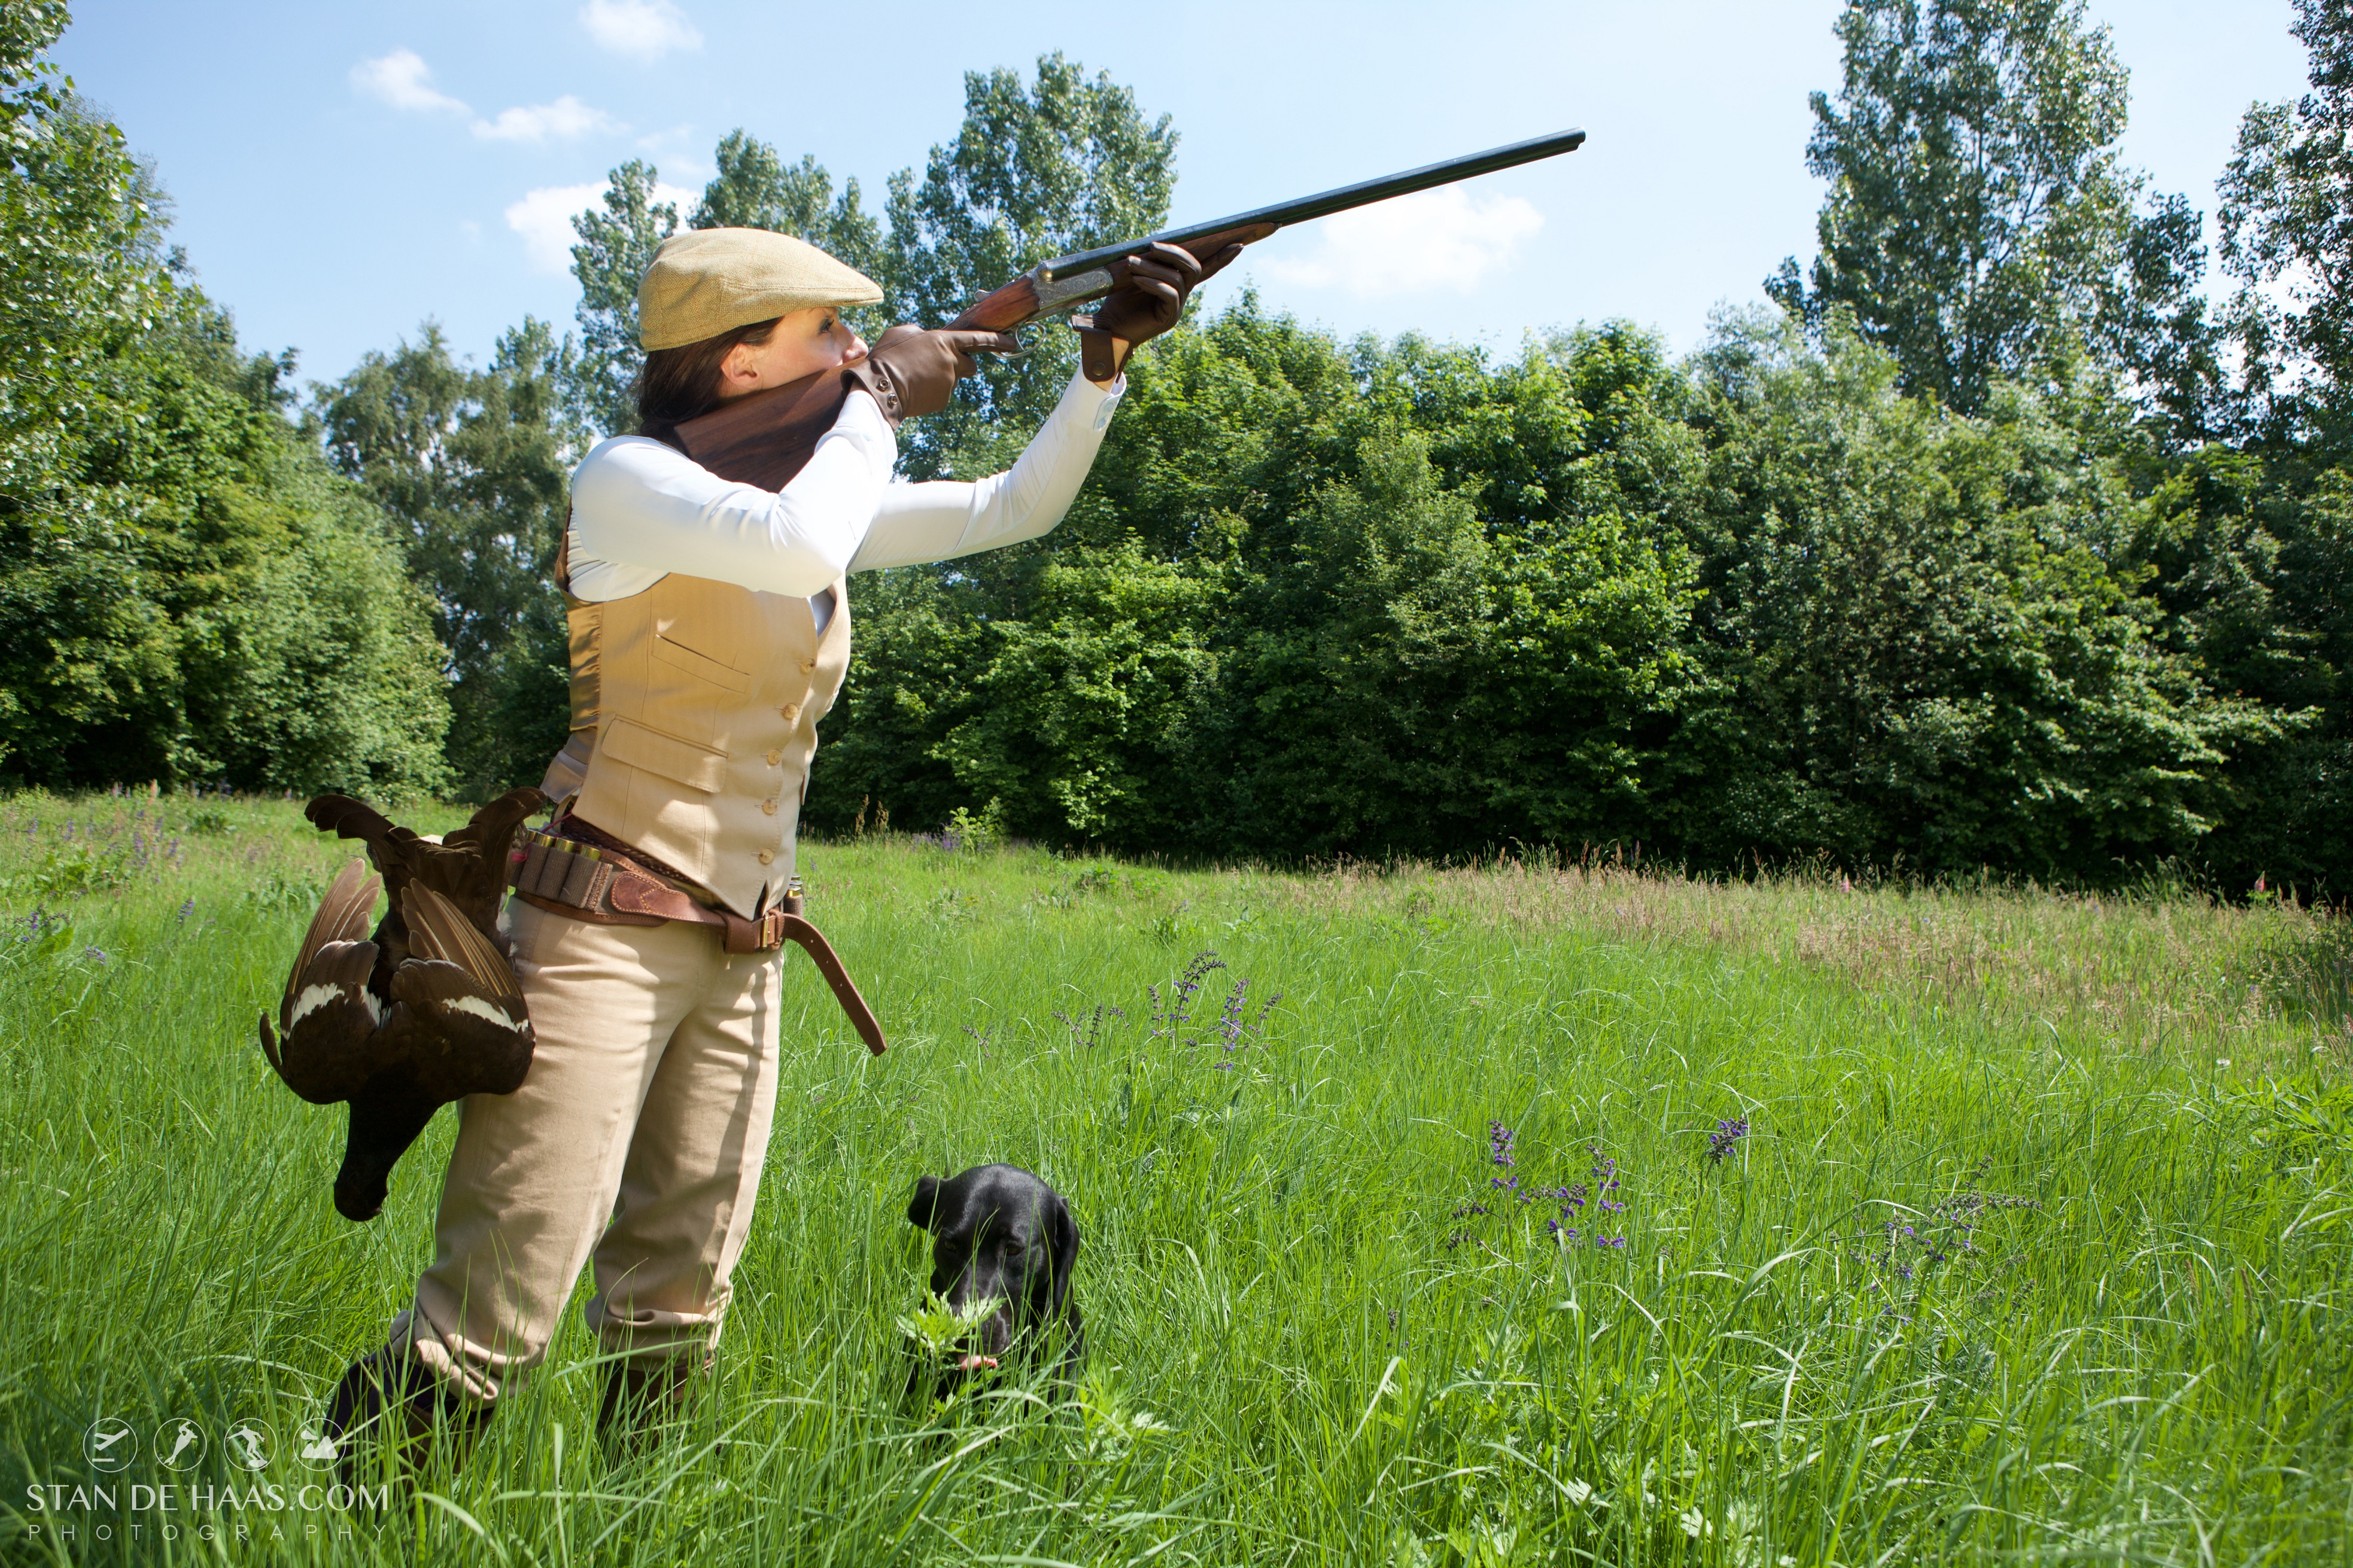 Chicas de cacería con escopeta - 3932x2621